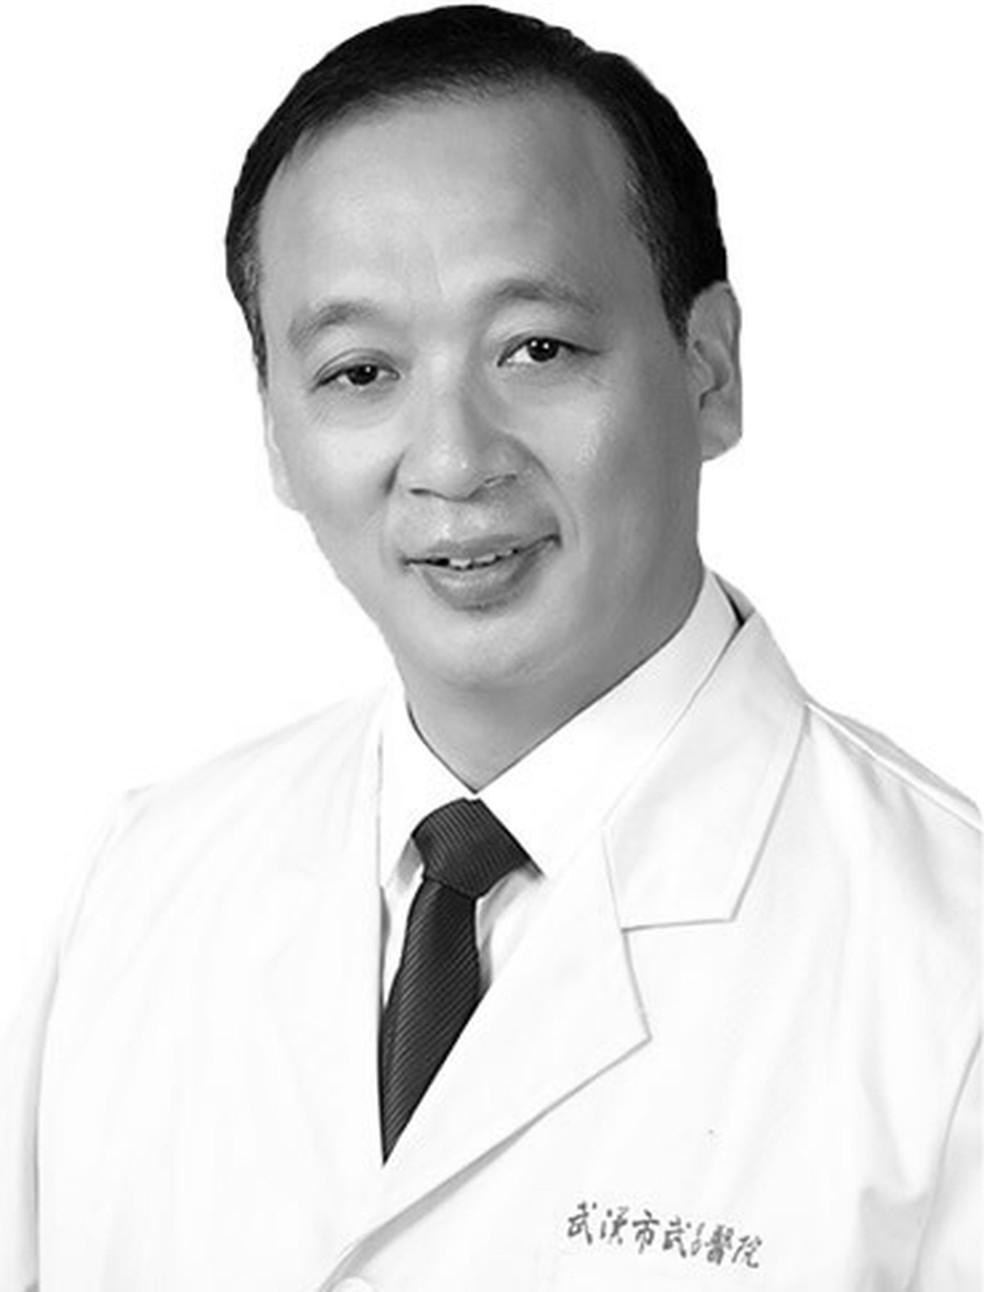 Liu Zhiming, diretor de um hospital em Wuhan, na China, morreu nesta segunda-feira (17) por Covid-19, segundo jornal chinês — Foto: Reprodução/Twitter People's Daily, China